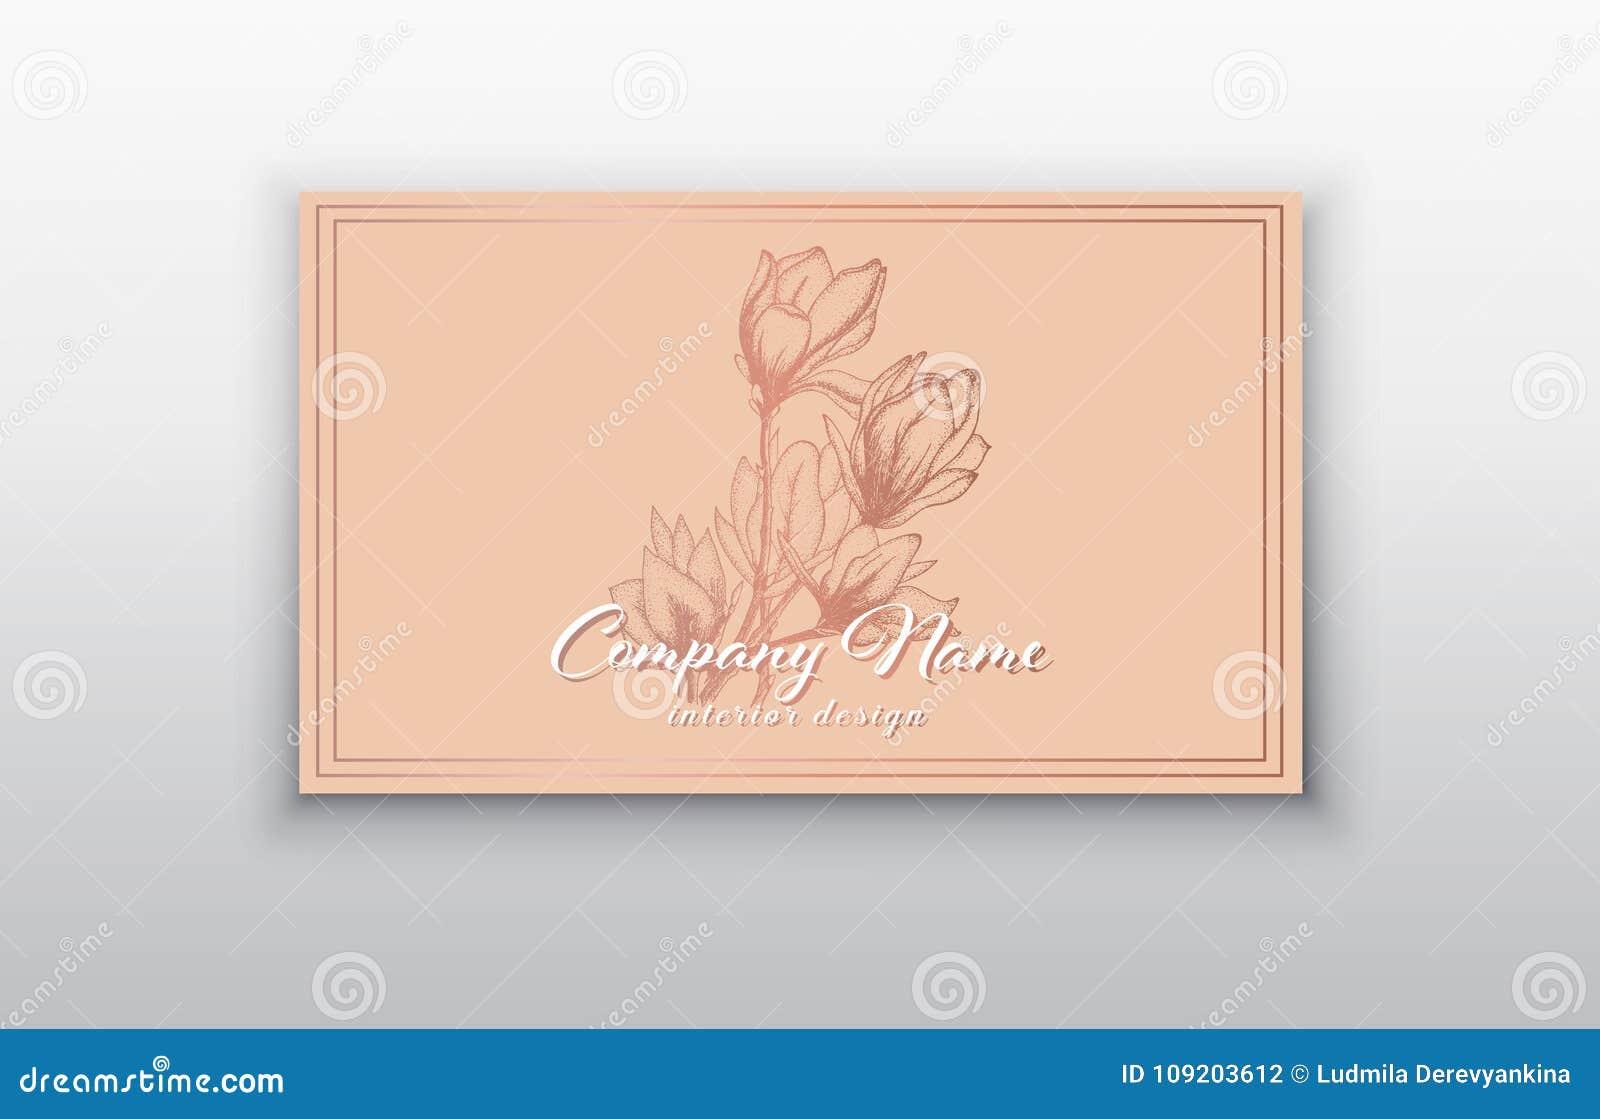 Dirigez Les Calibres De Carte Visite Professionnelle Avec Fleurs Roses D Or